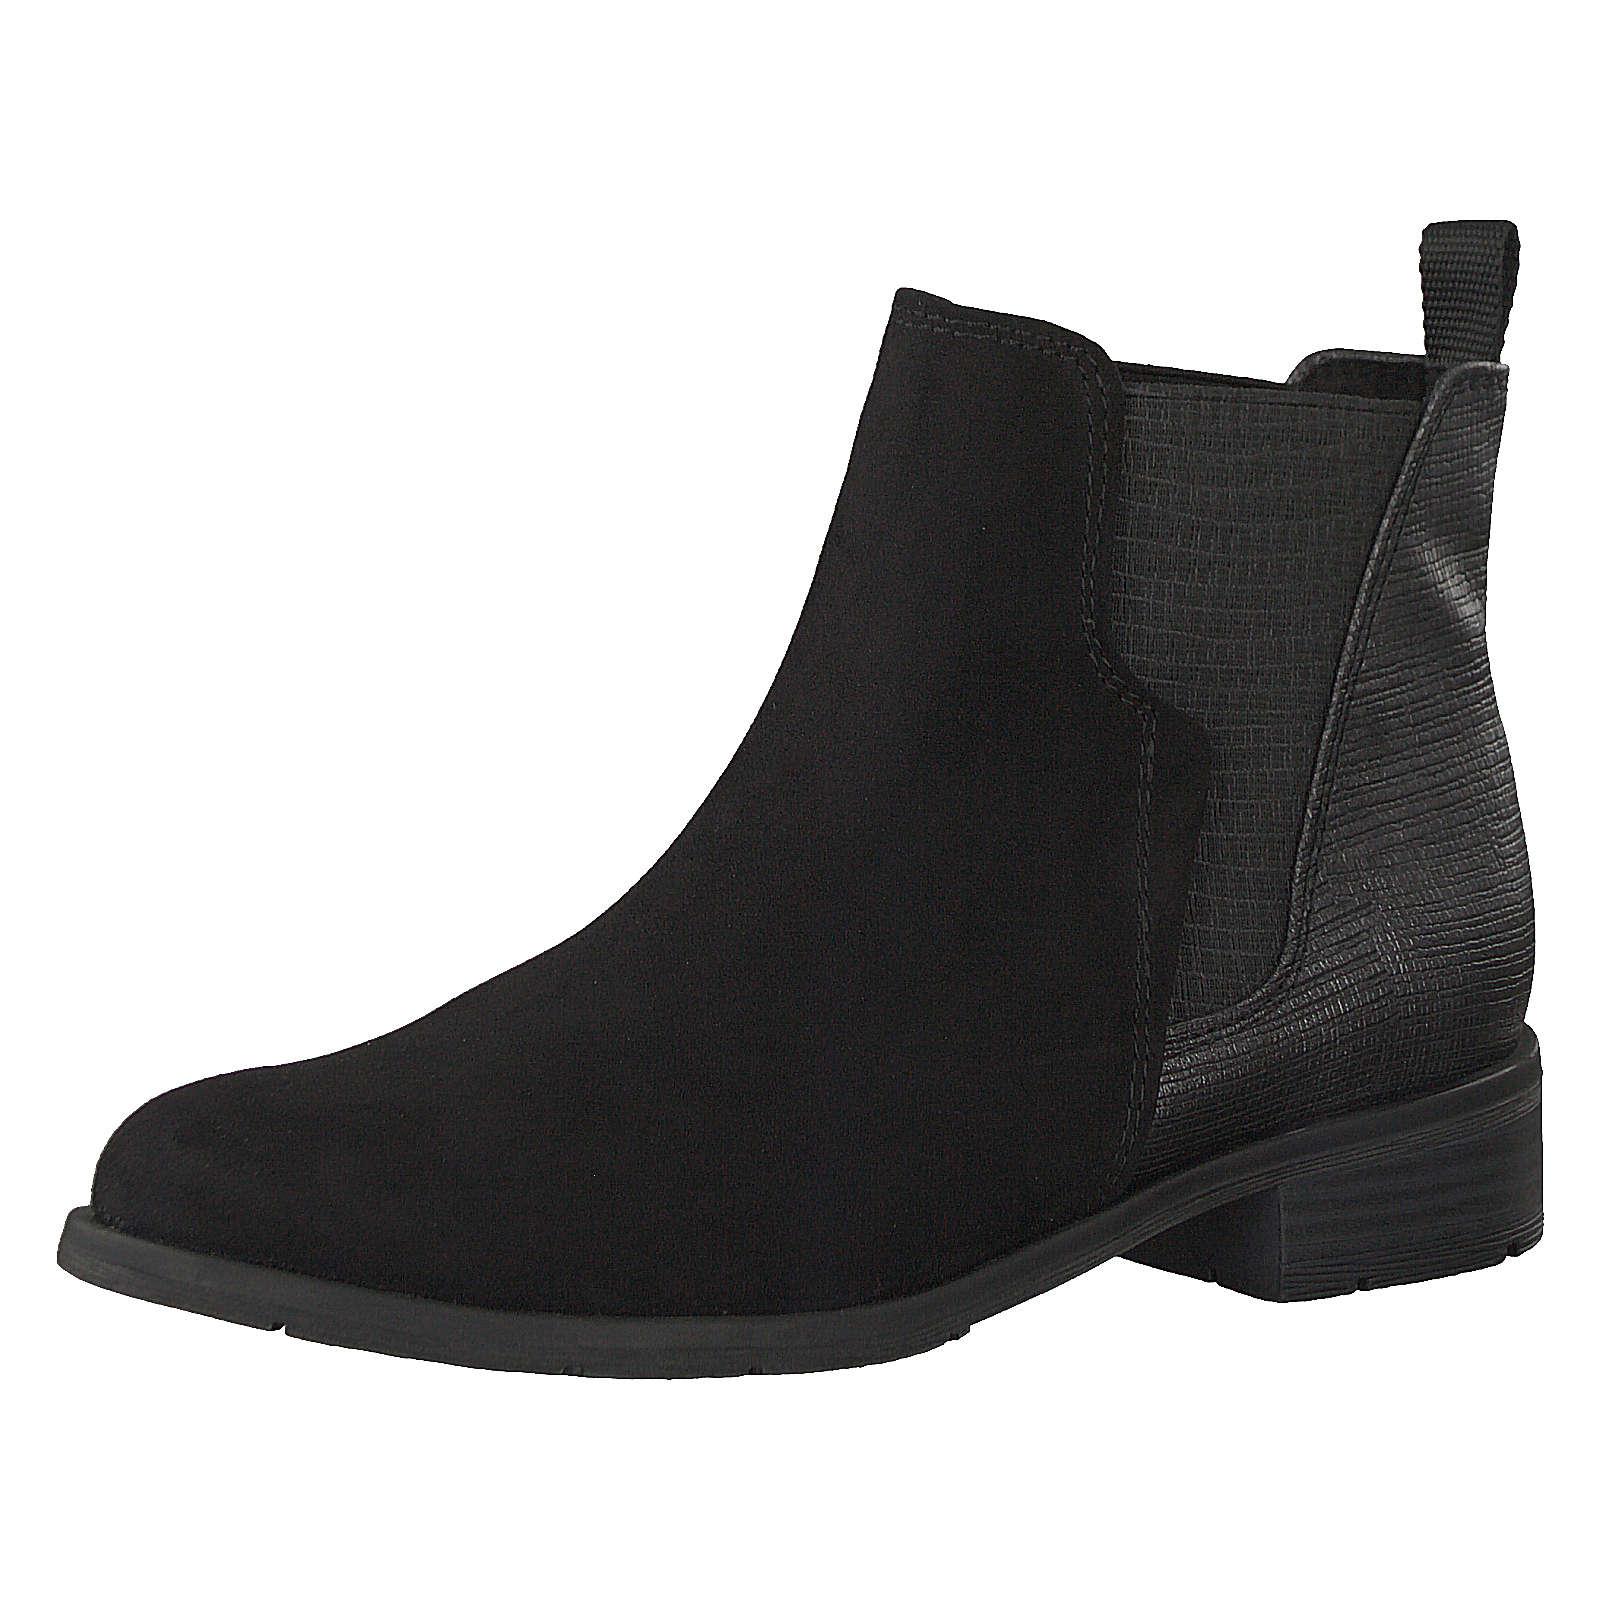 Rabatt-Preisvergleich.de - Schuhe   Stiefeletten   Chelsea Boots d2cb1ceeca